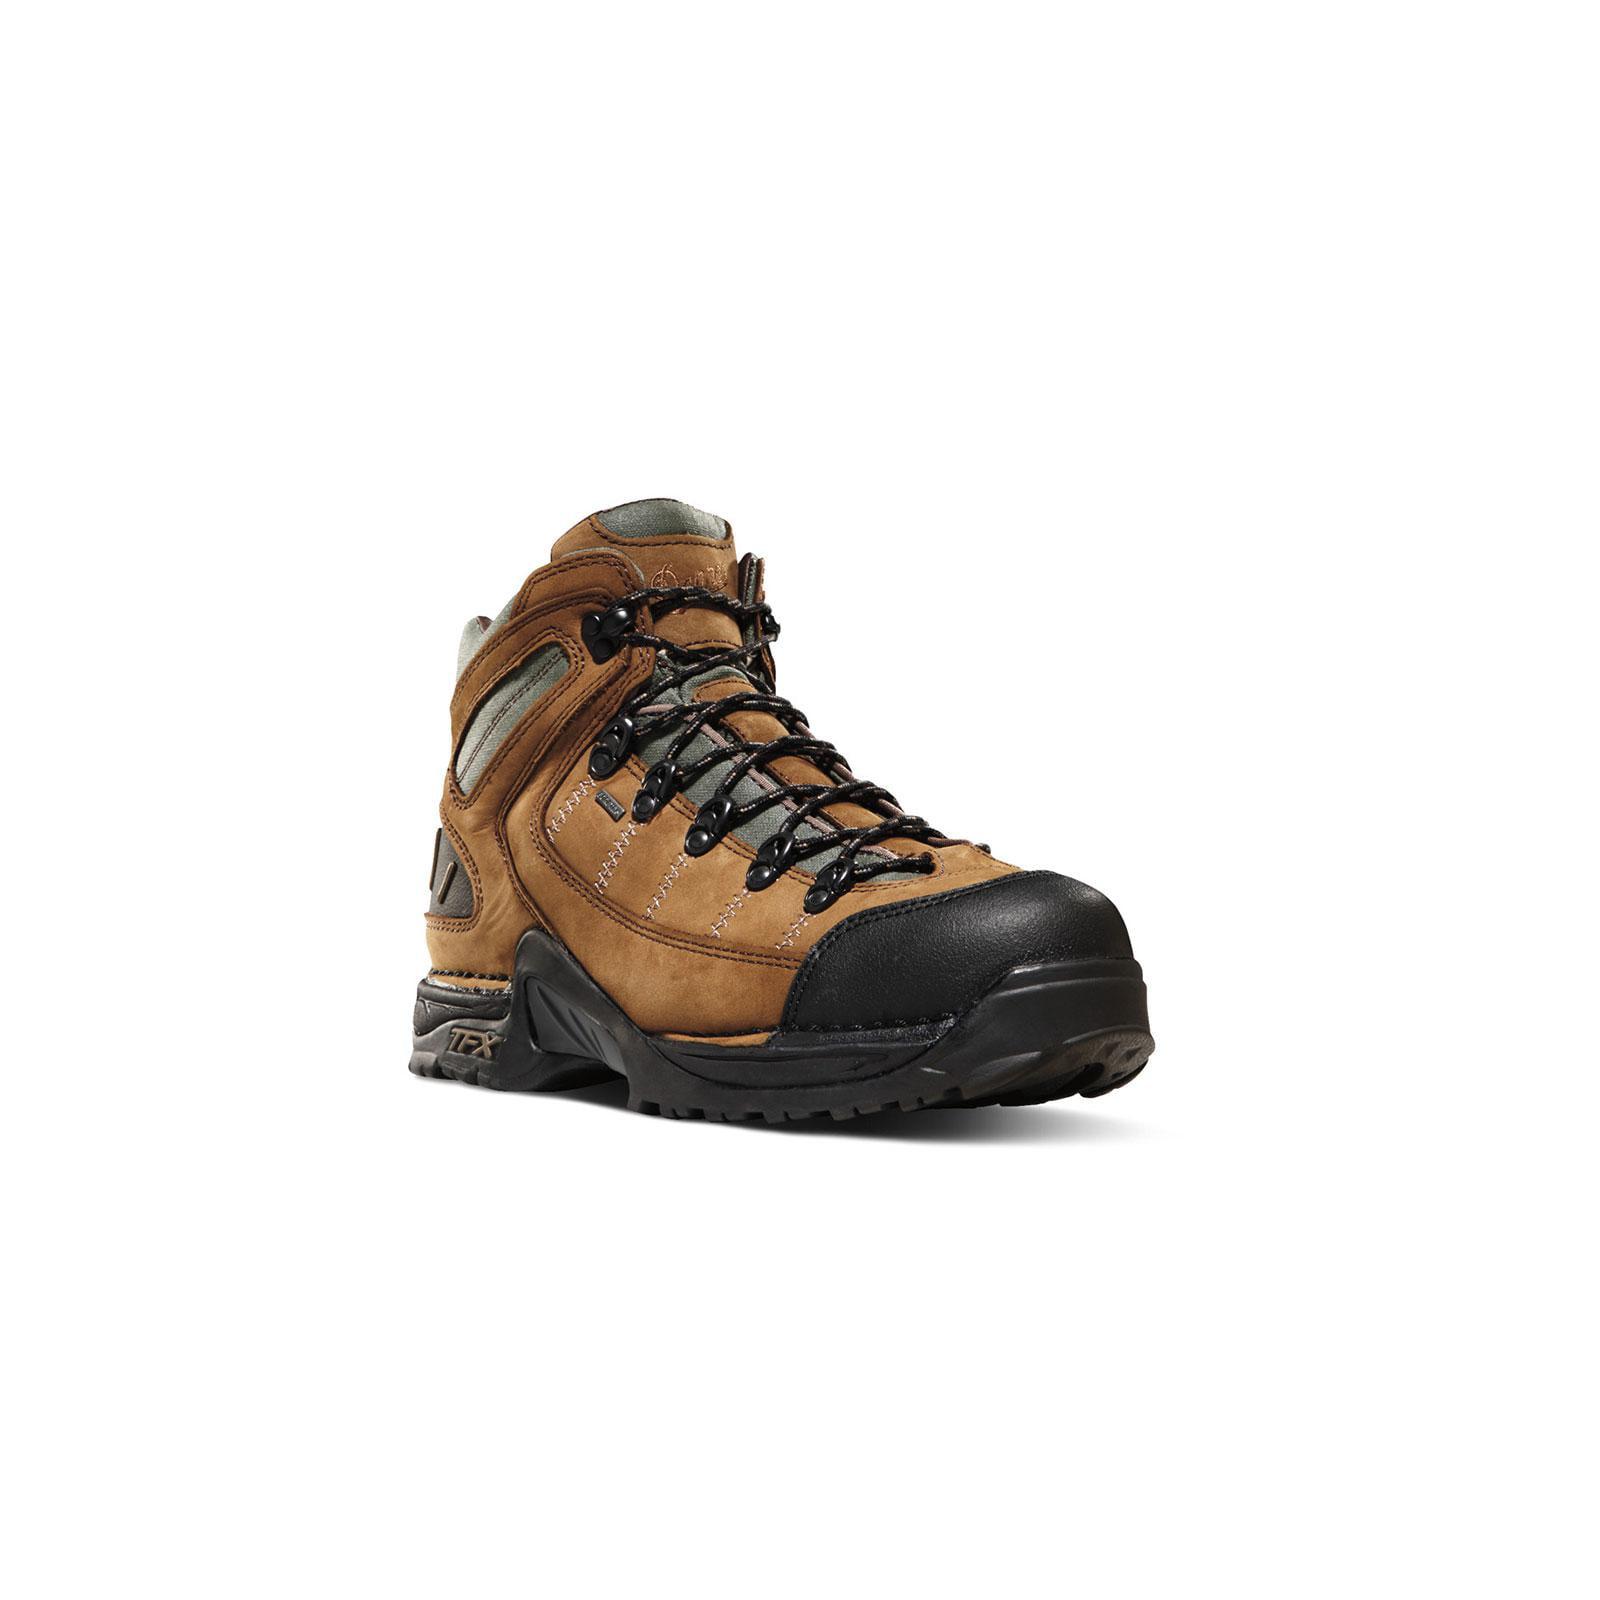 Danner Mens 453 Dark Tan Hiking Boots 45364 by Danner